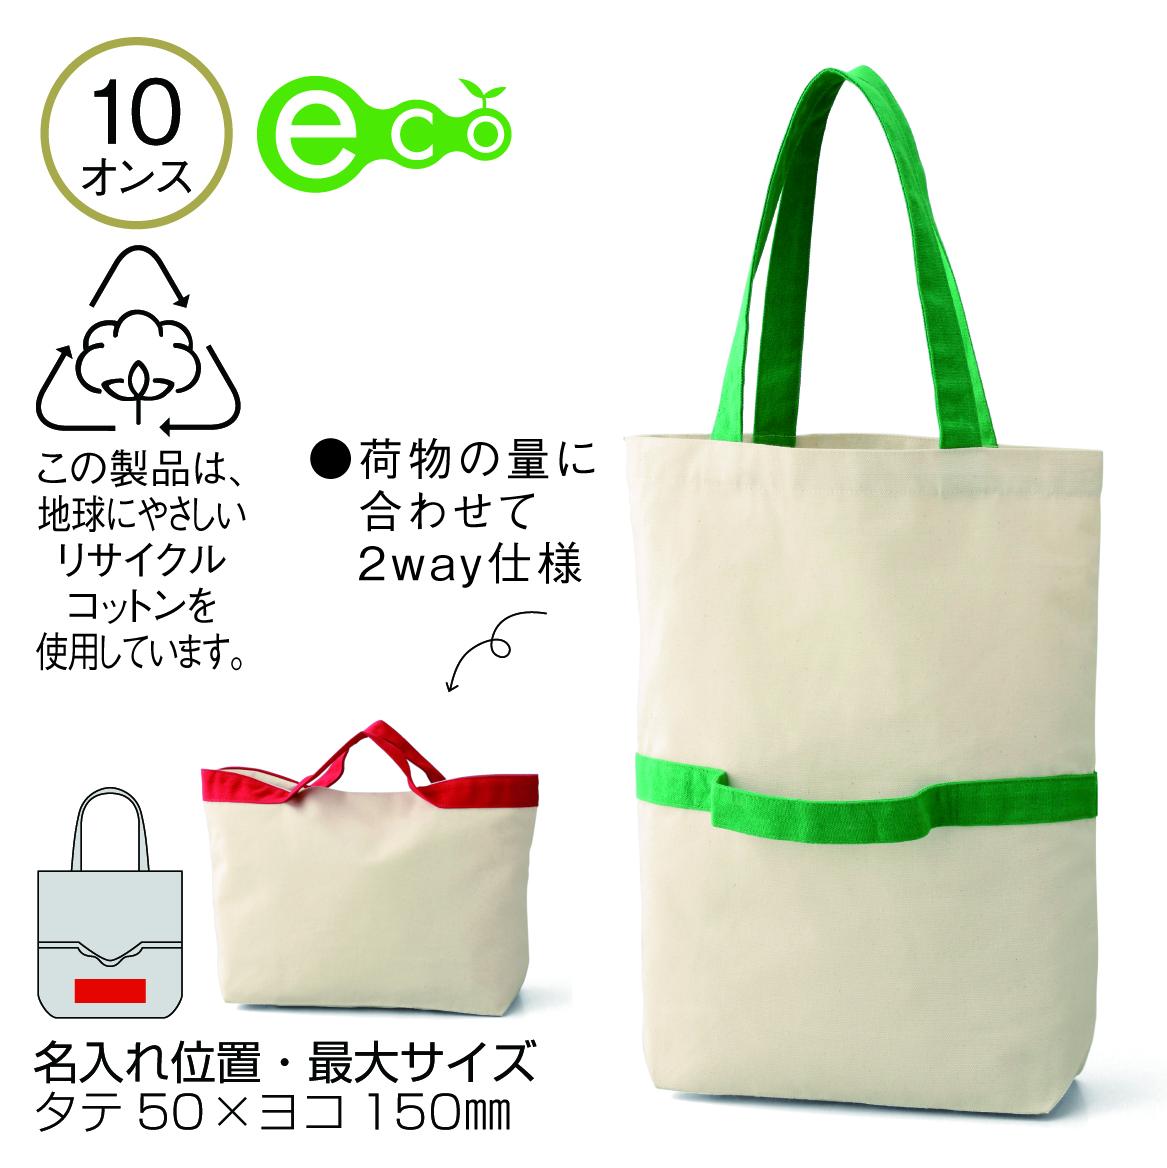 セルトナ・リサイクルコットン2WAYトート(マチ付)(グリーン)